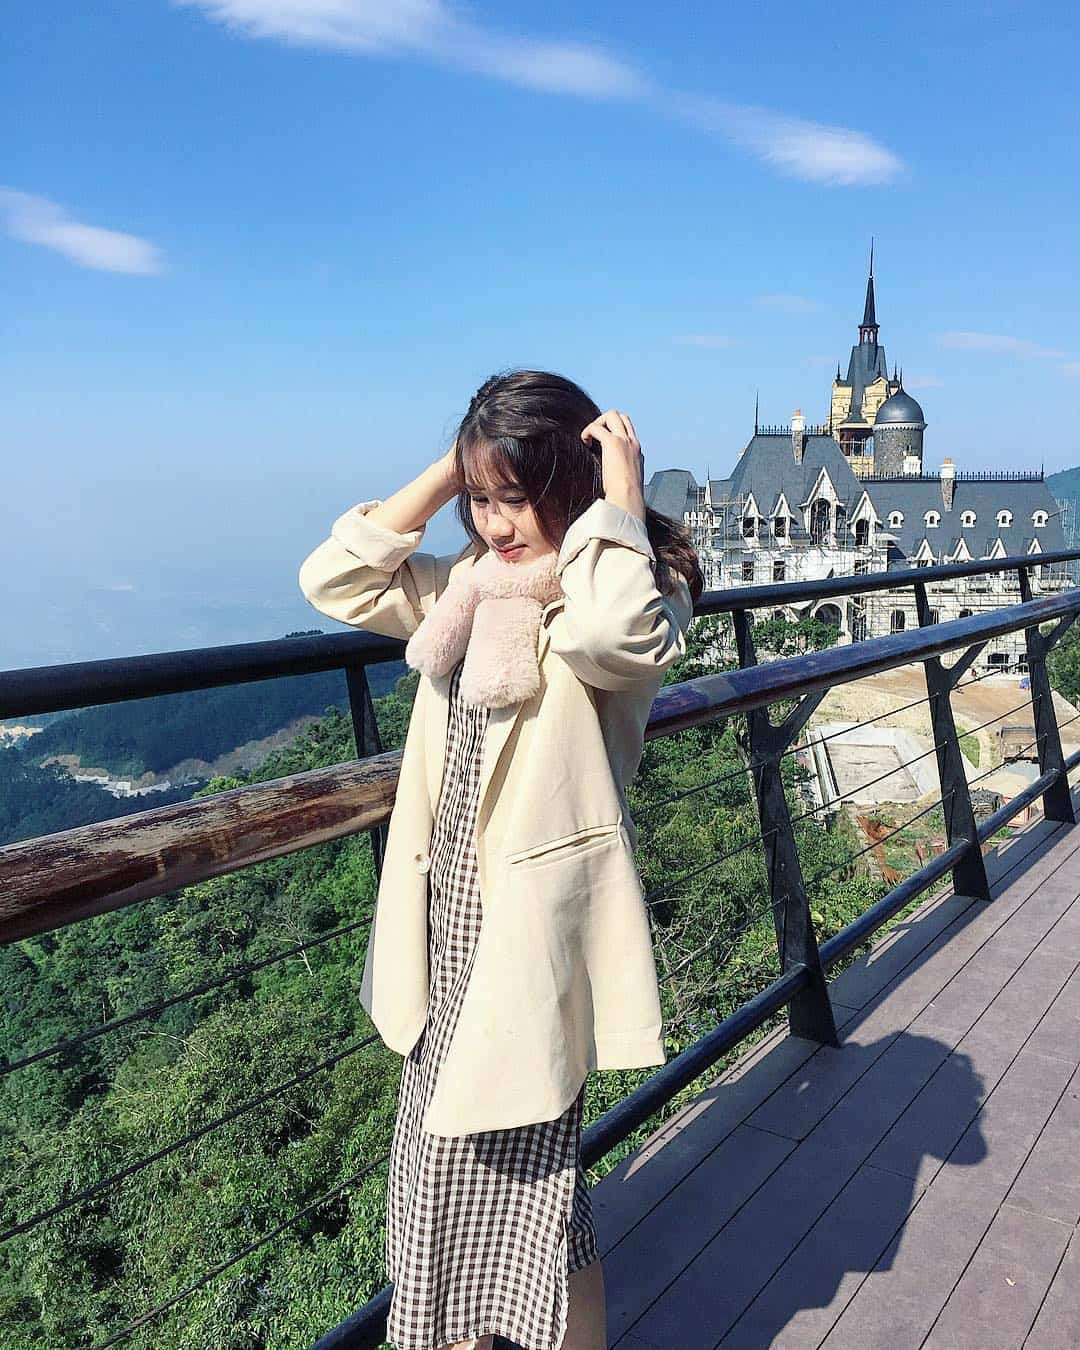 Ngắm nhìn lâu đại triệu đô Tam Đảo trên quán Gió. Ảnh: @kimbong110699